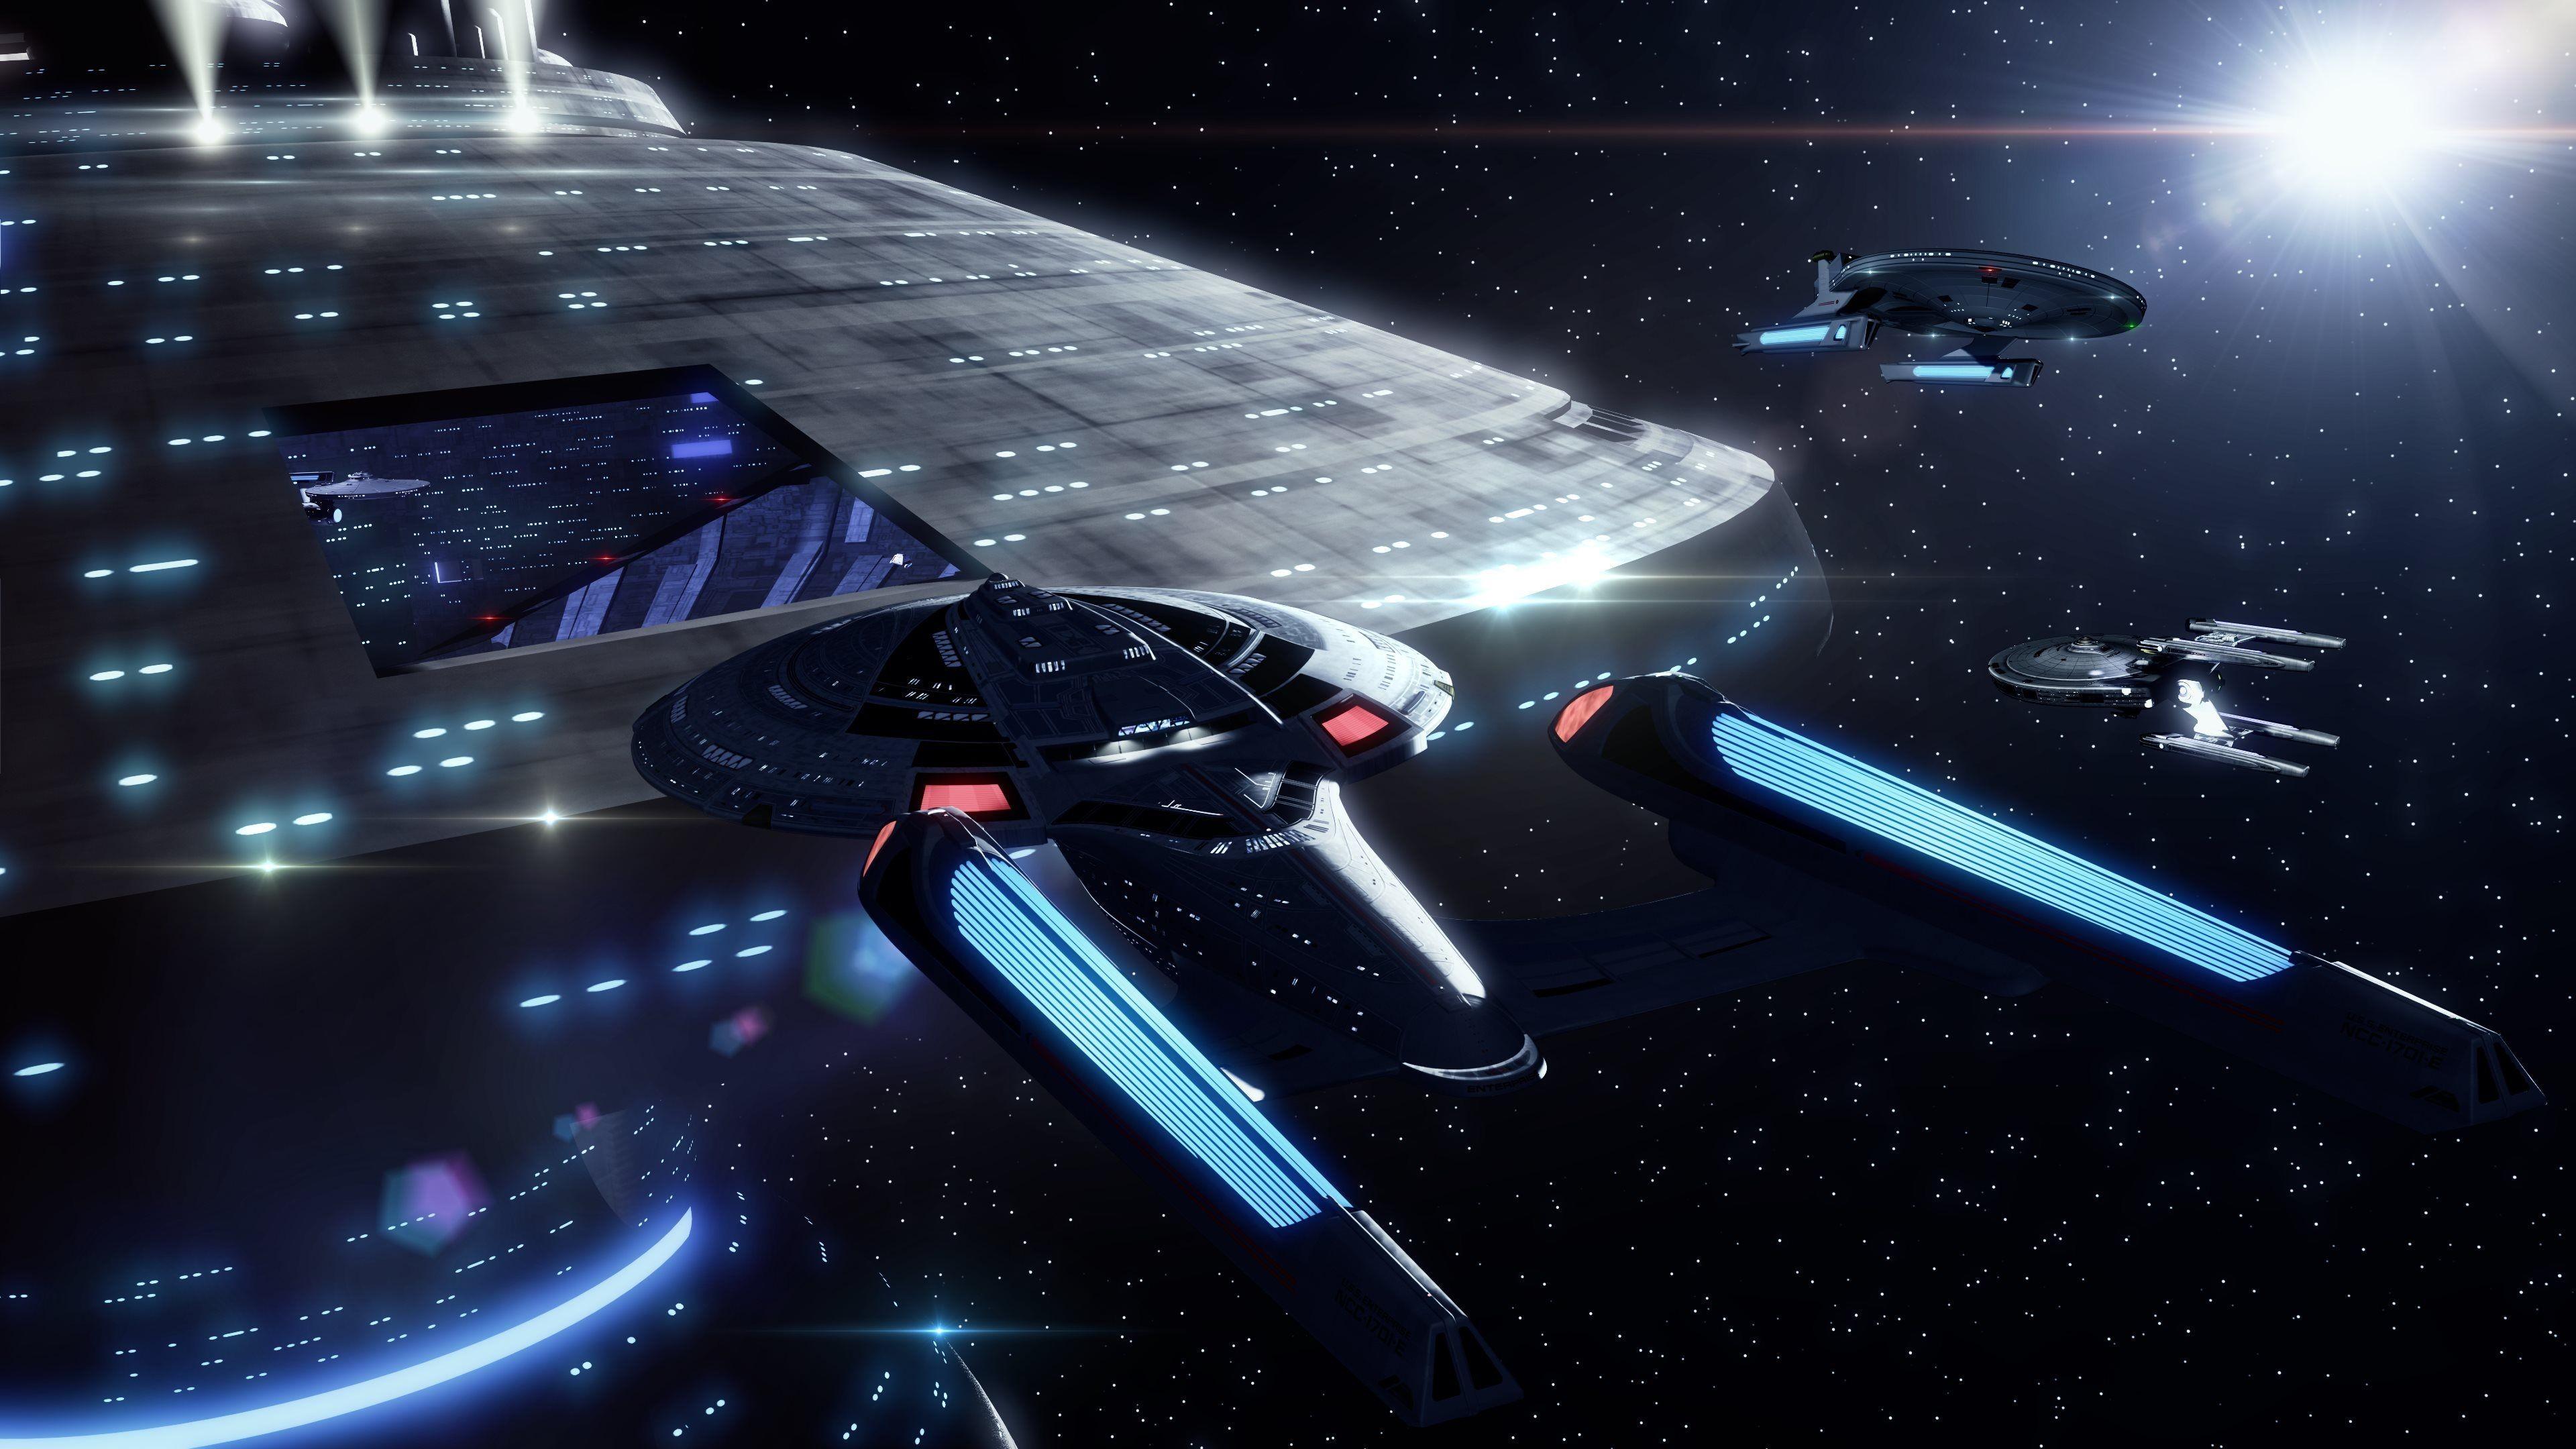 Star Trek Spaceships Wallpapers :: HD Wallpapers